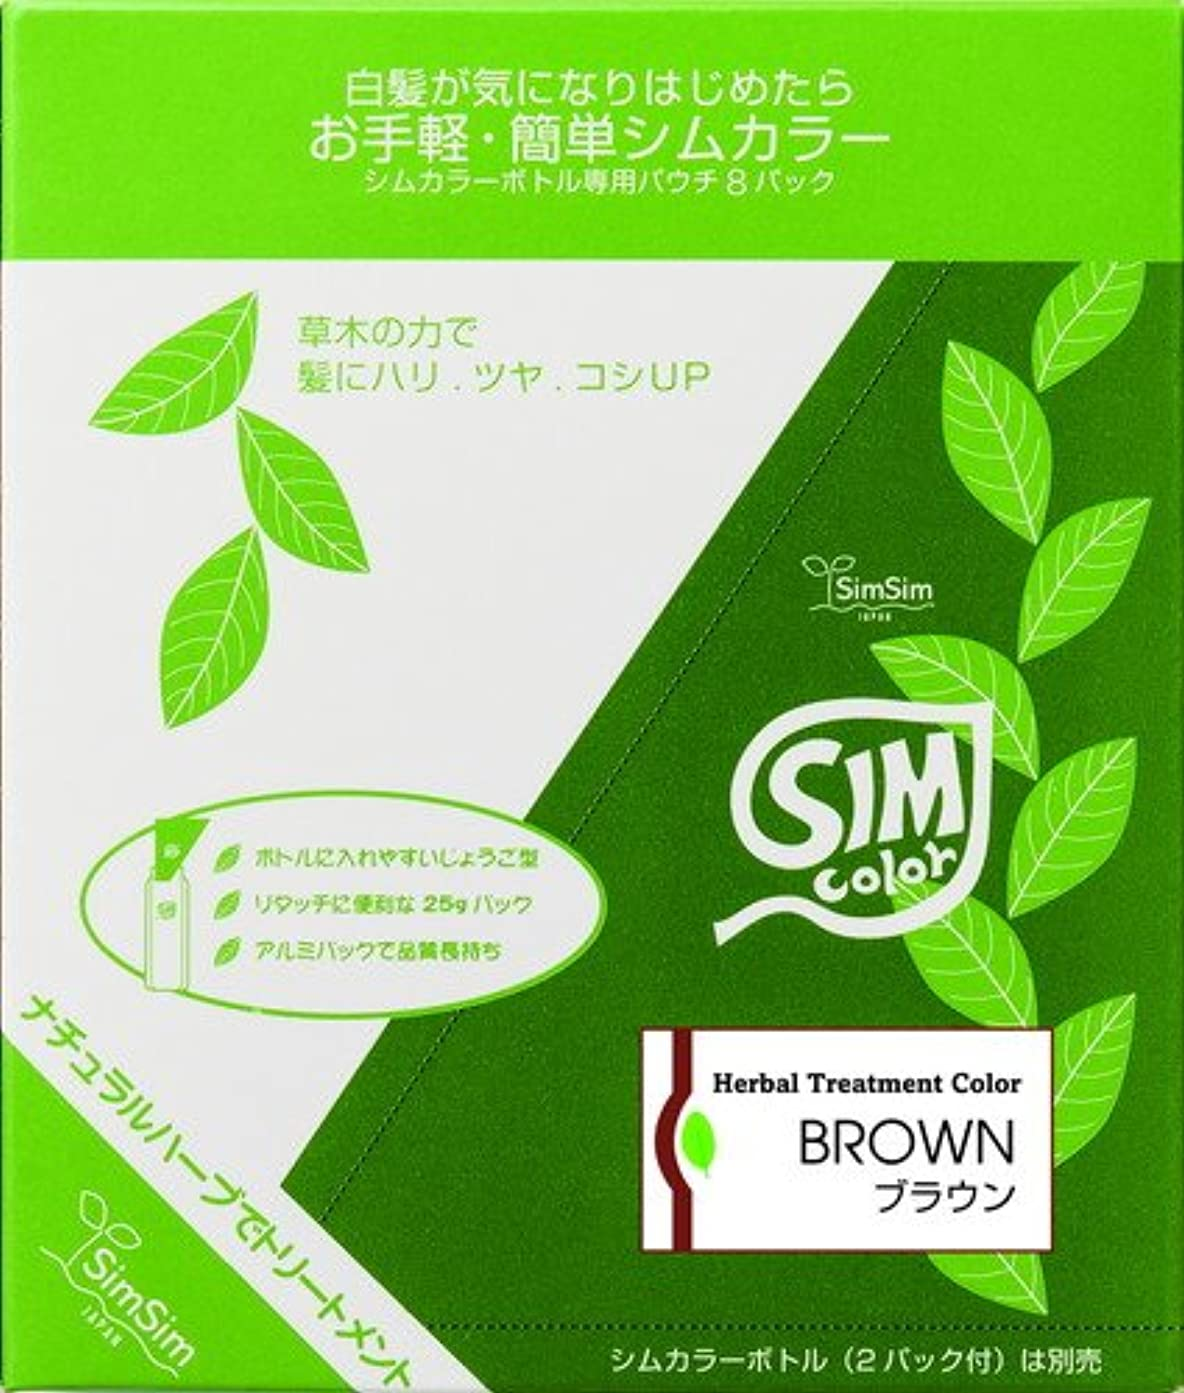 探す王位ドナウ川SimSim(シムシム)お手軽簡単シムカラーエクストラ(EX)25g 8袋 ブラウン